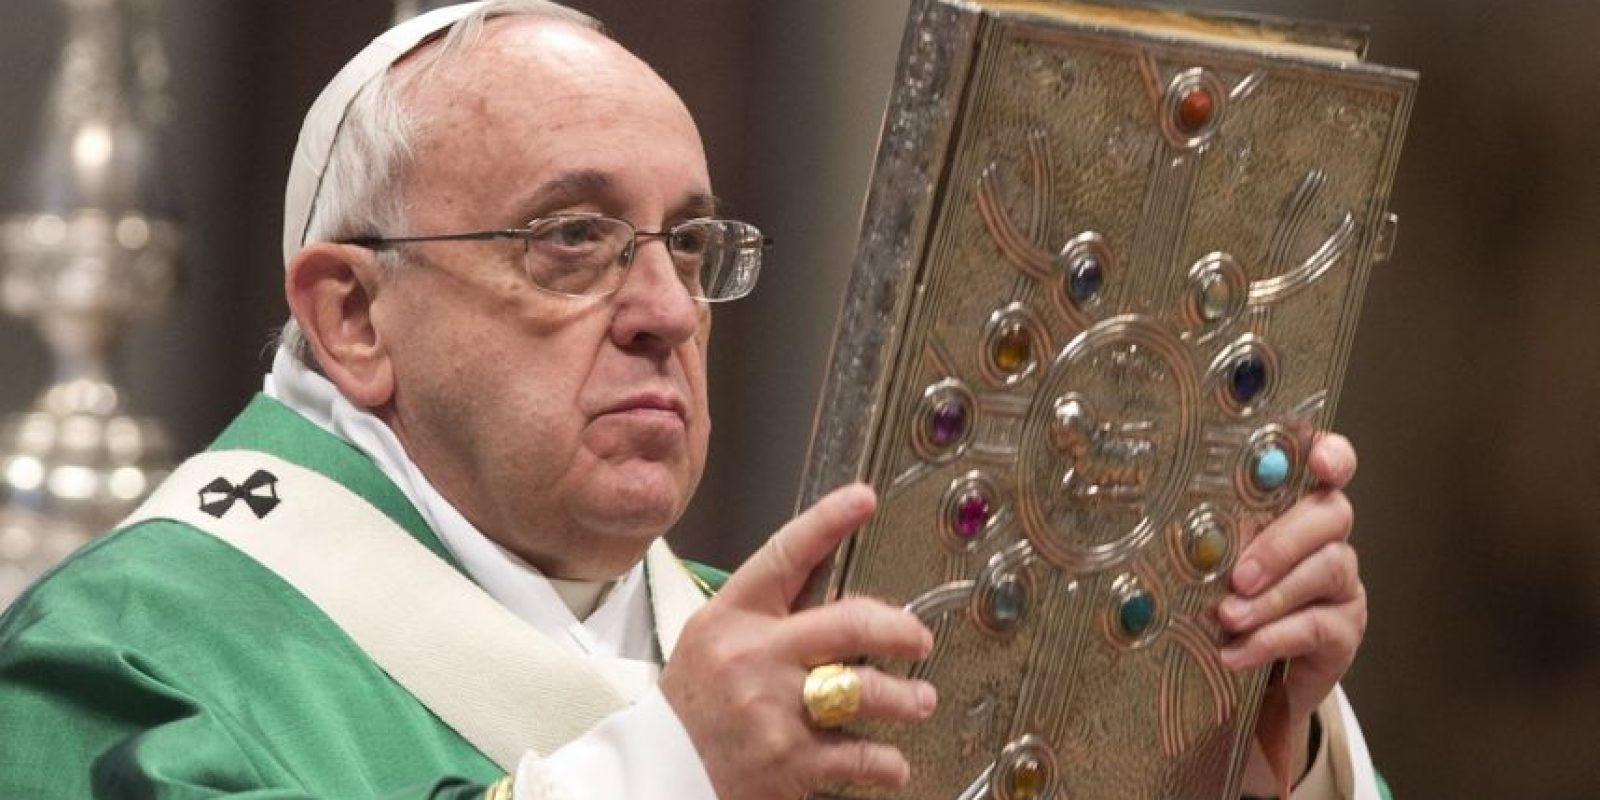 El Papa Francisco visitará Estados Unidos entre el 22 y 25 de septiembre próximos. Foto:Getty Images